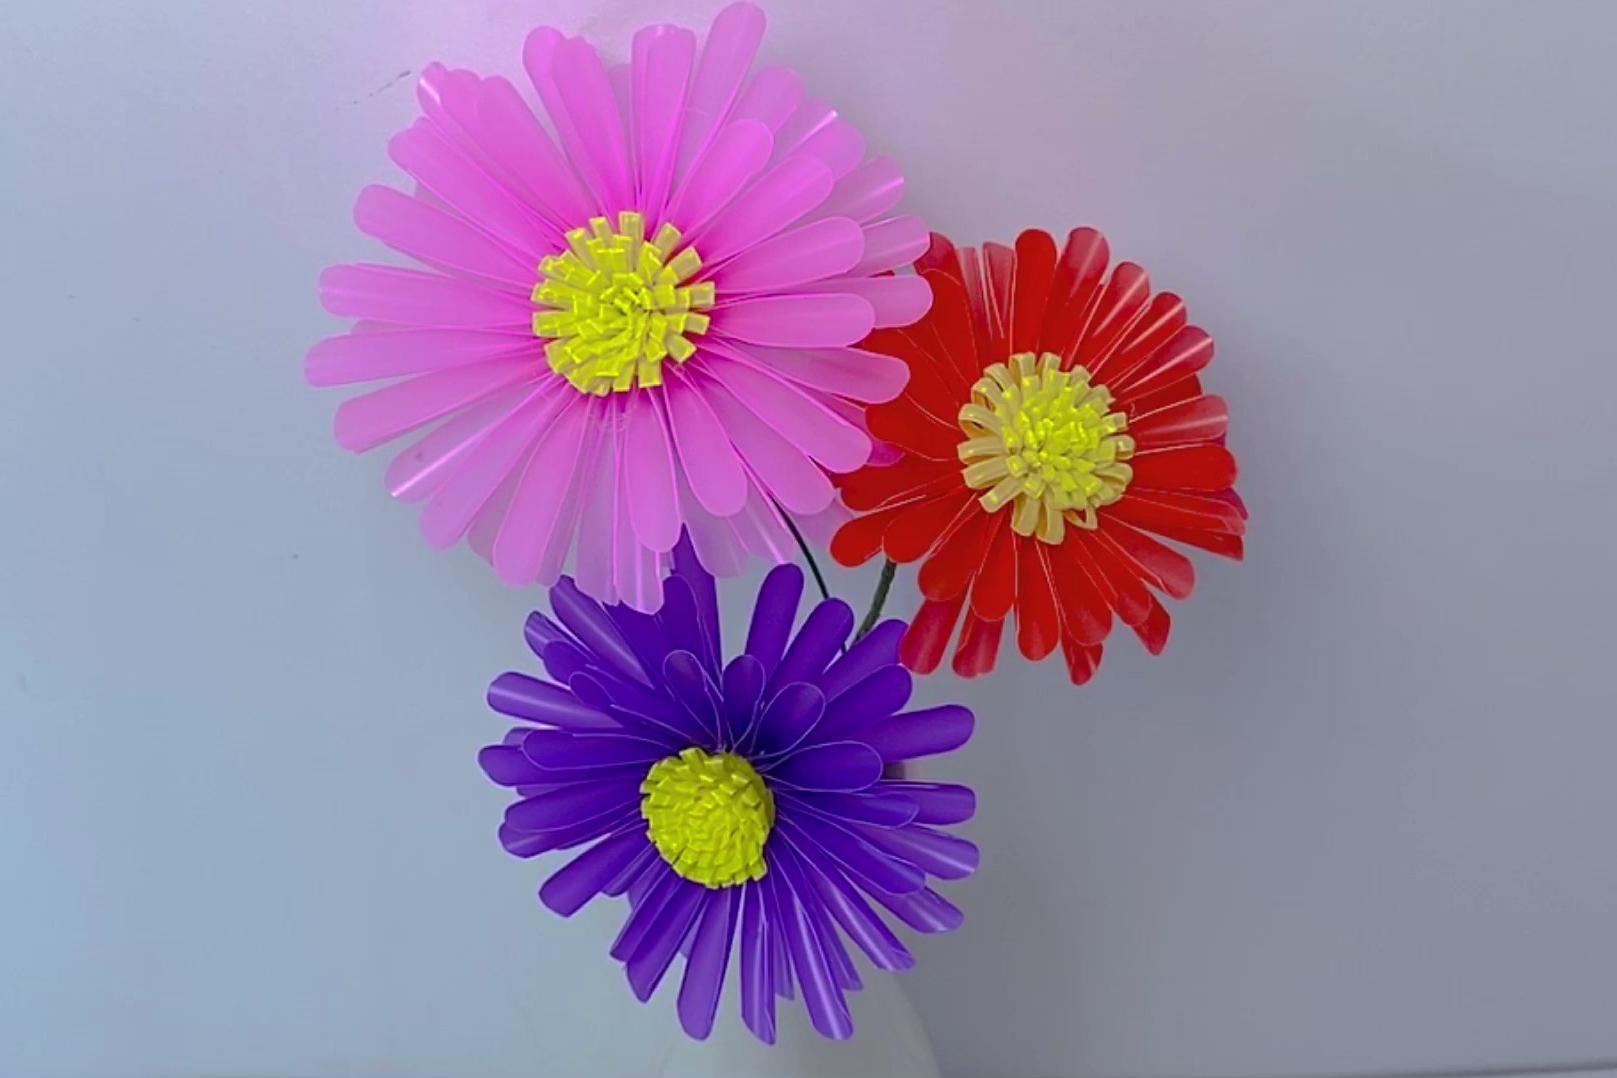 吸管手工创意作品合集:兰花、小雏菊、郁金香、薰衣草、菊花麦穗